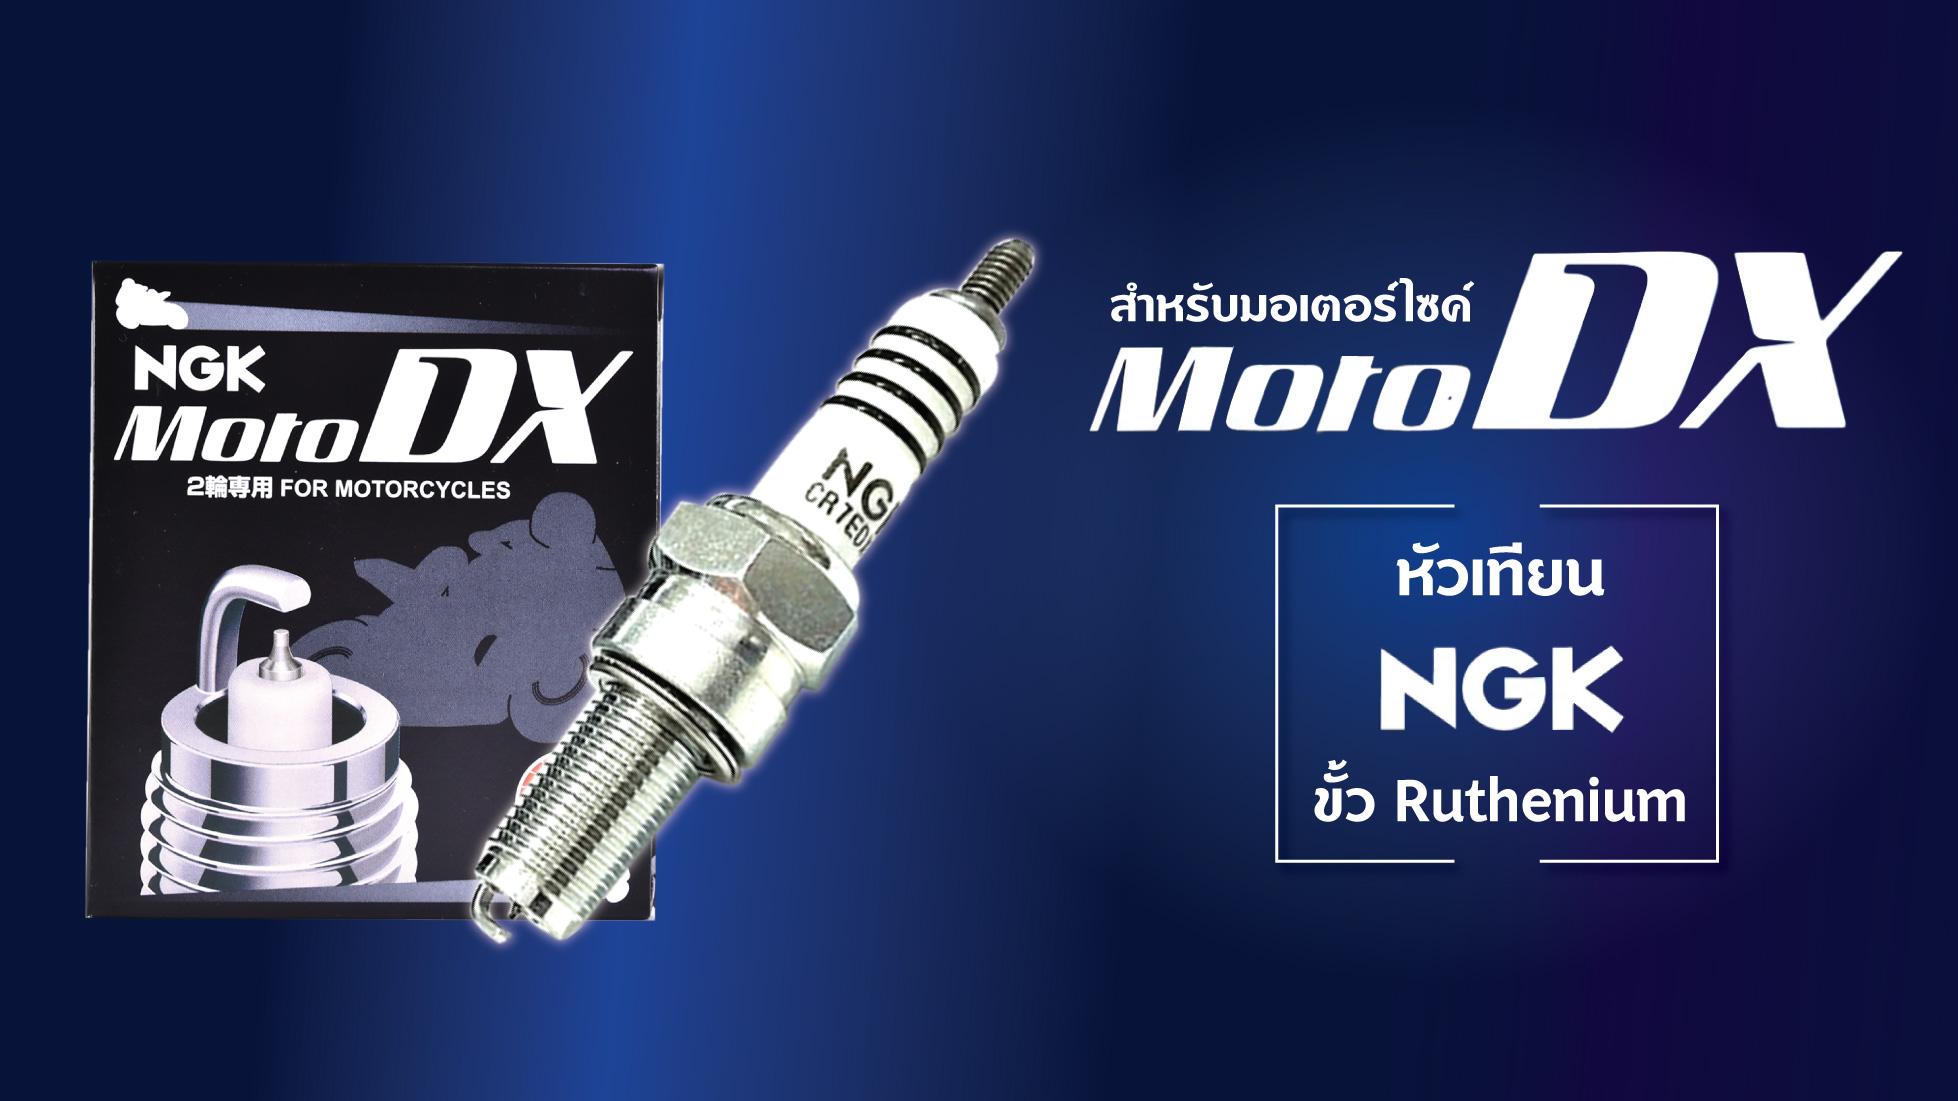 🏍 แนะนำคุณสมบัติ และรุ่นหัวเทียน NGK MotoDX สำหรับมอเตอร์ไซค์